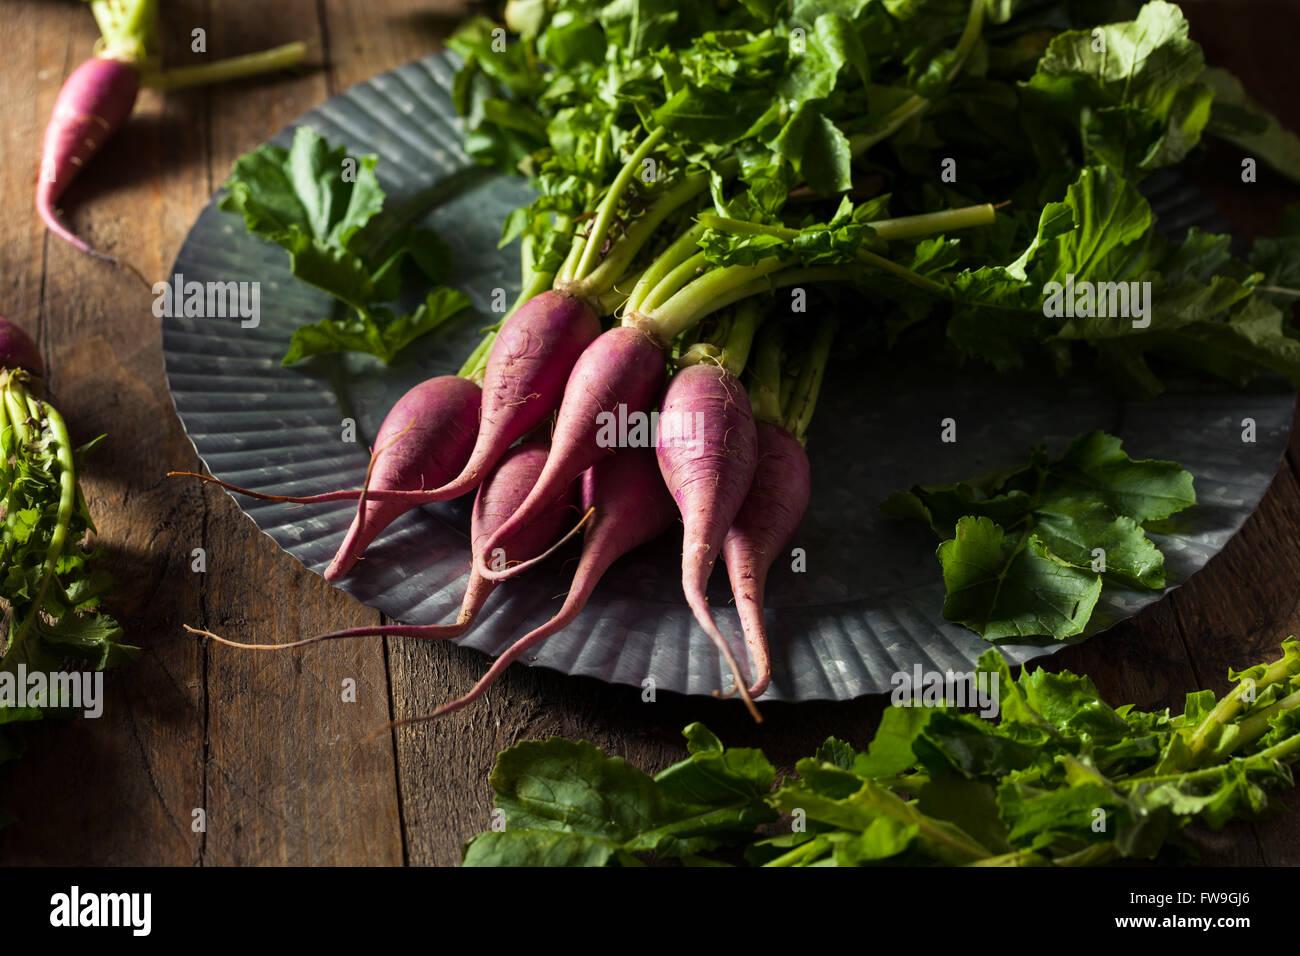 Les radis pourpre biologiques crus prêt à manger Photo Stock